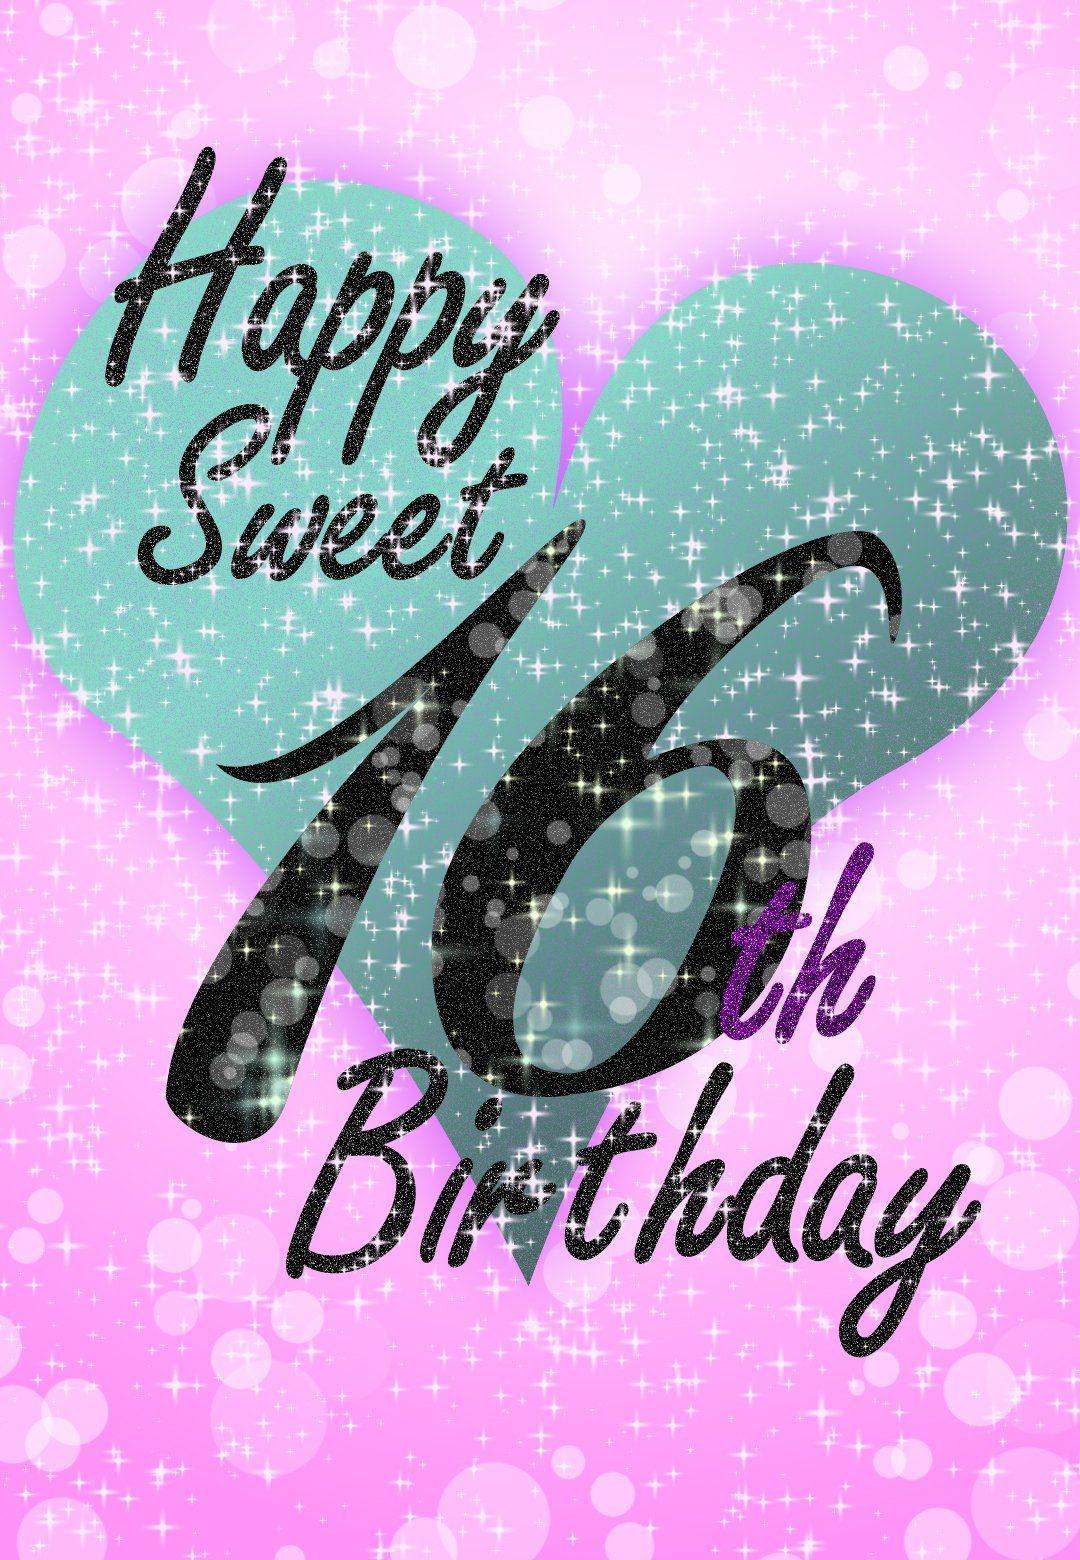 Sweet 16 - Free Printable Birthday Card   Greetings Island - Free Sweet 16 Printables